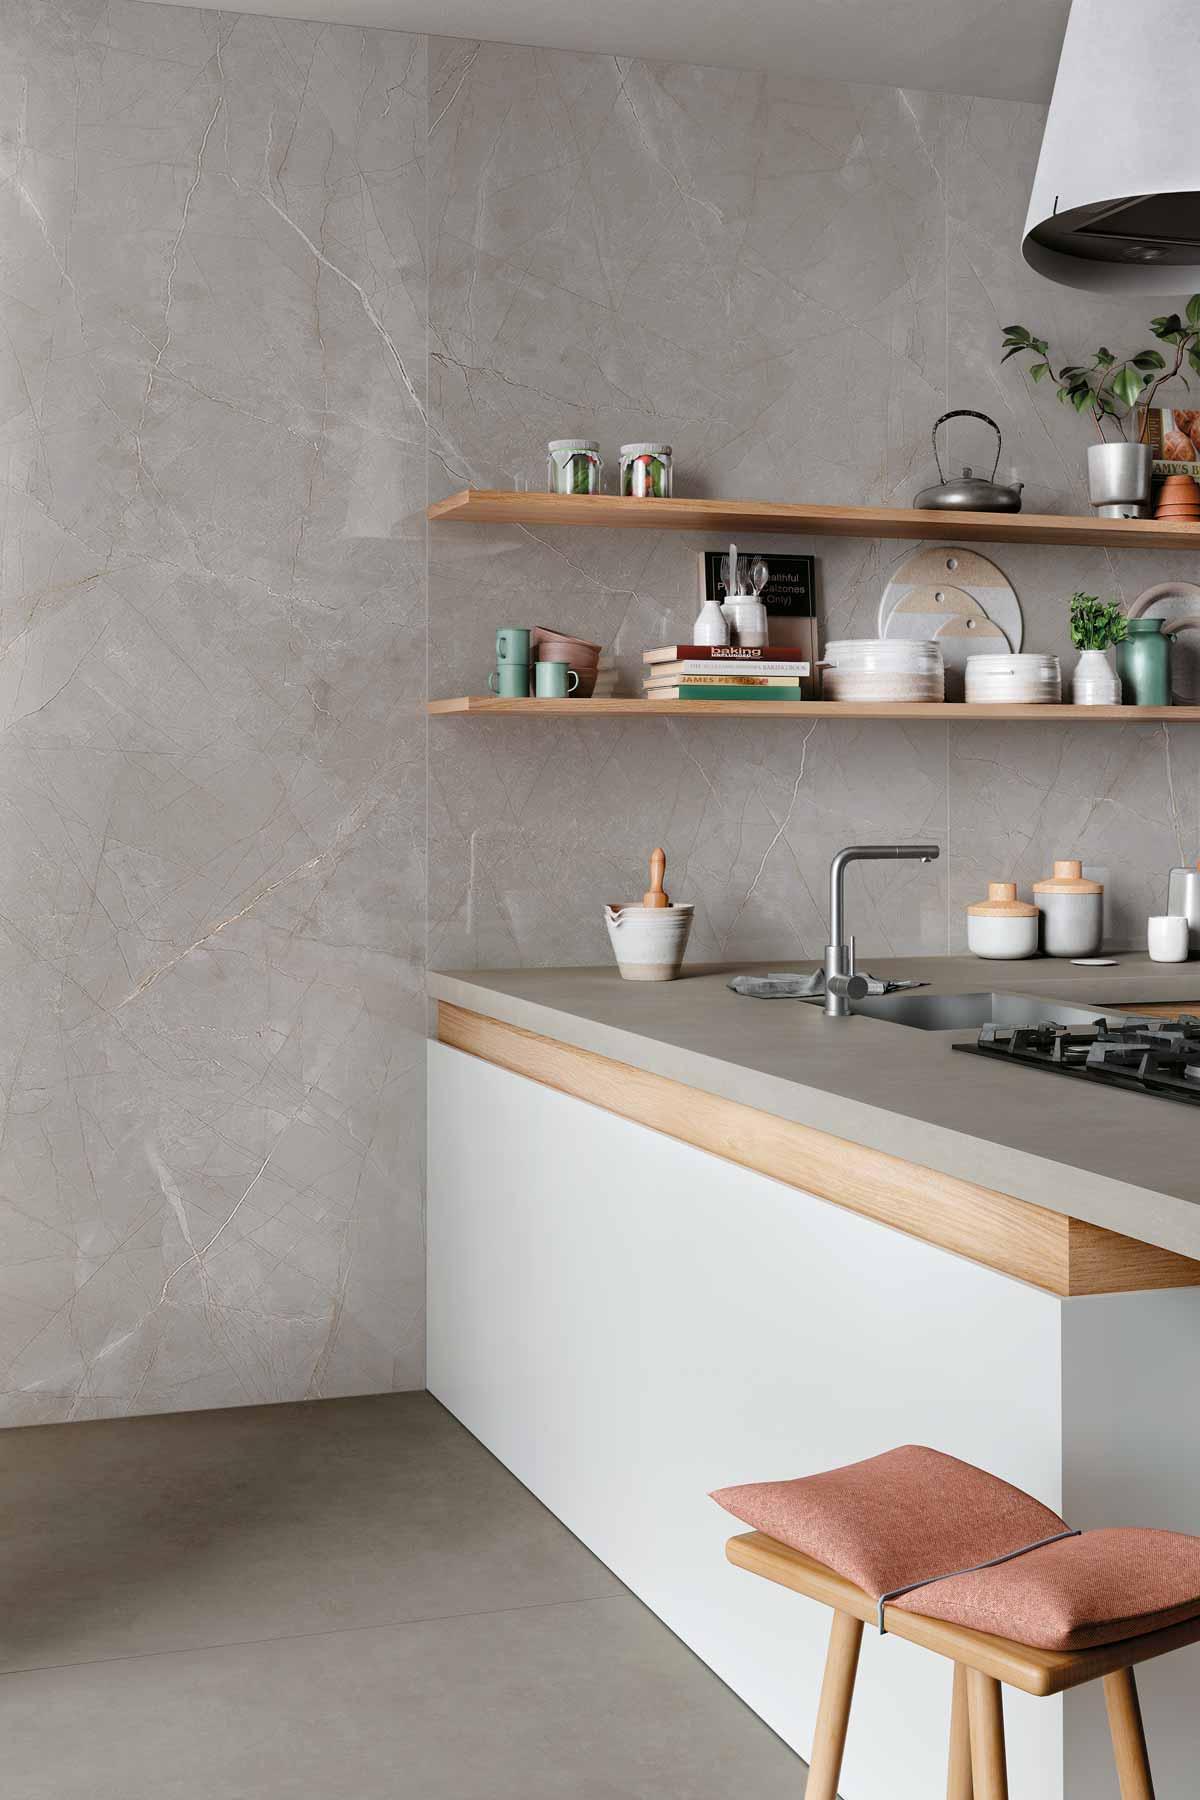 Küchenarbeitsplatte und Wand perfekt abgestimmt